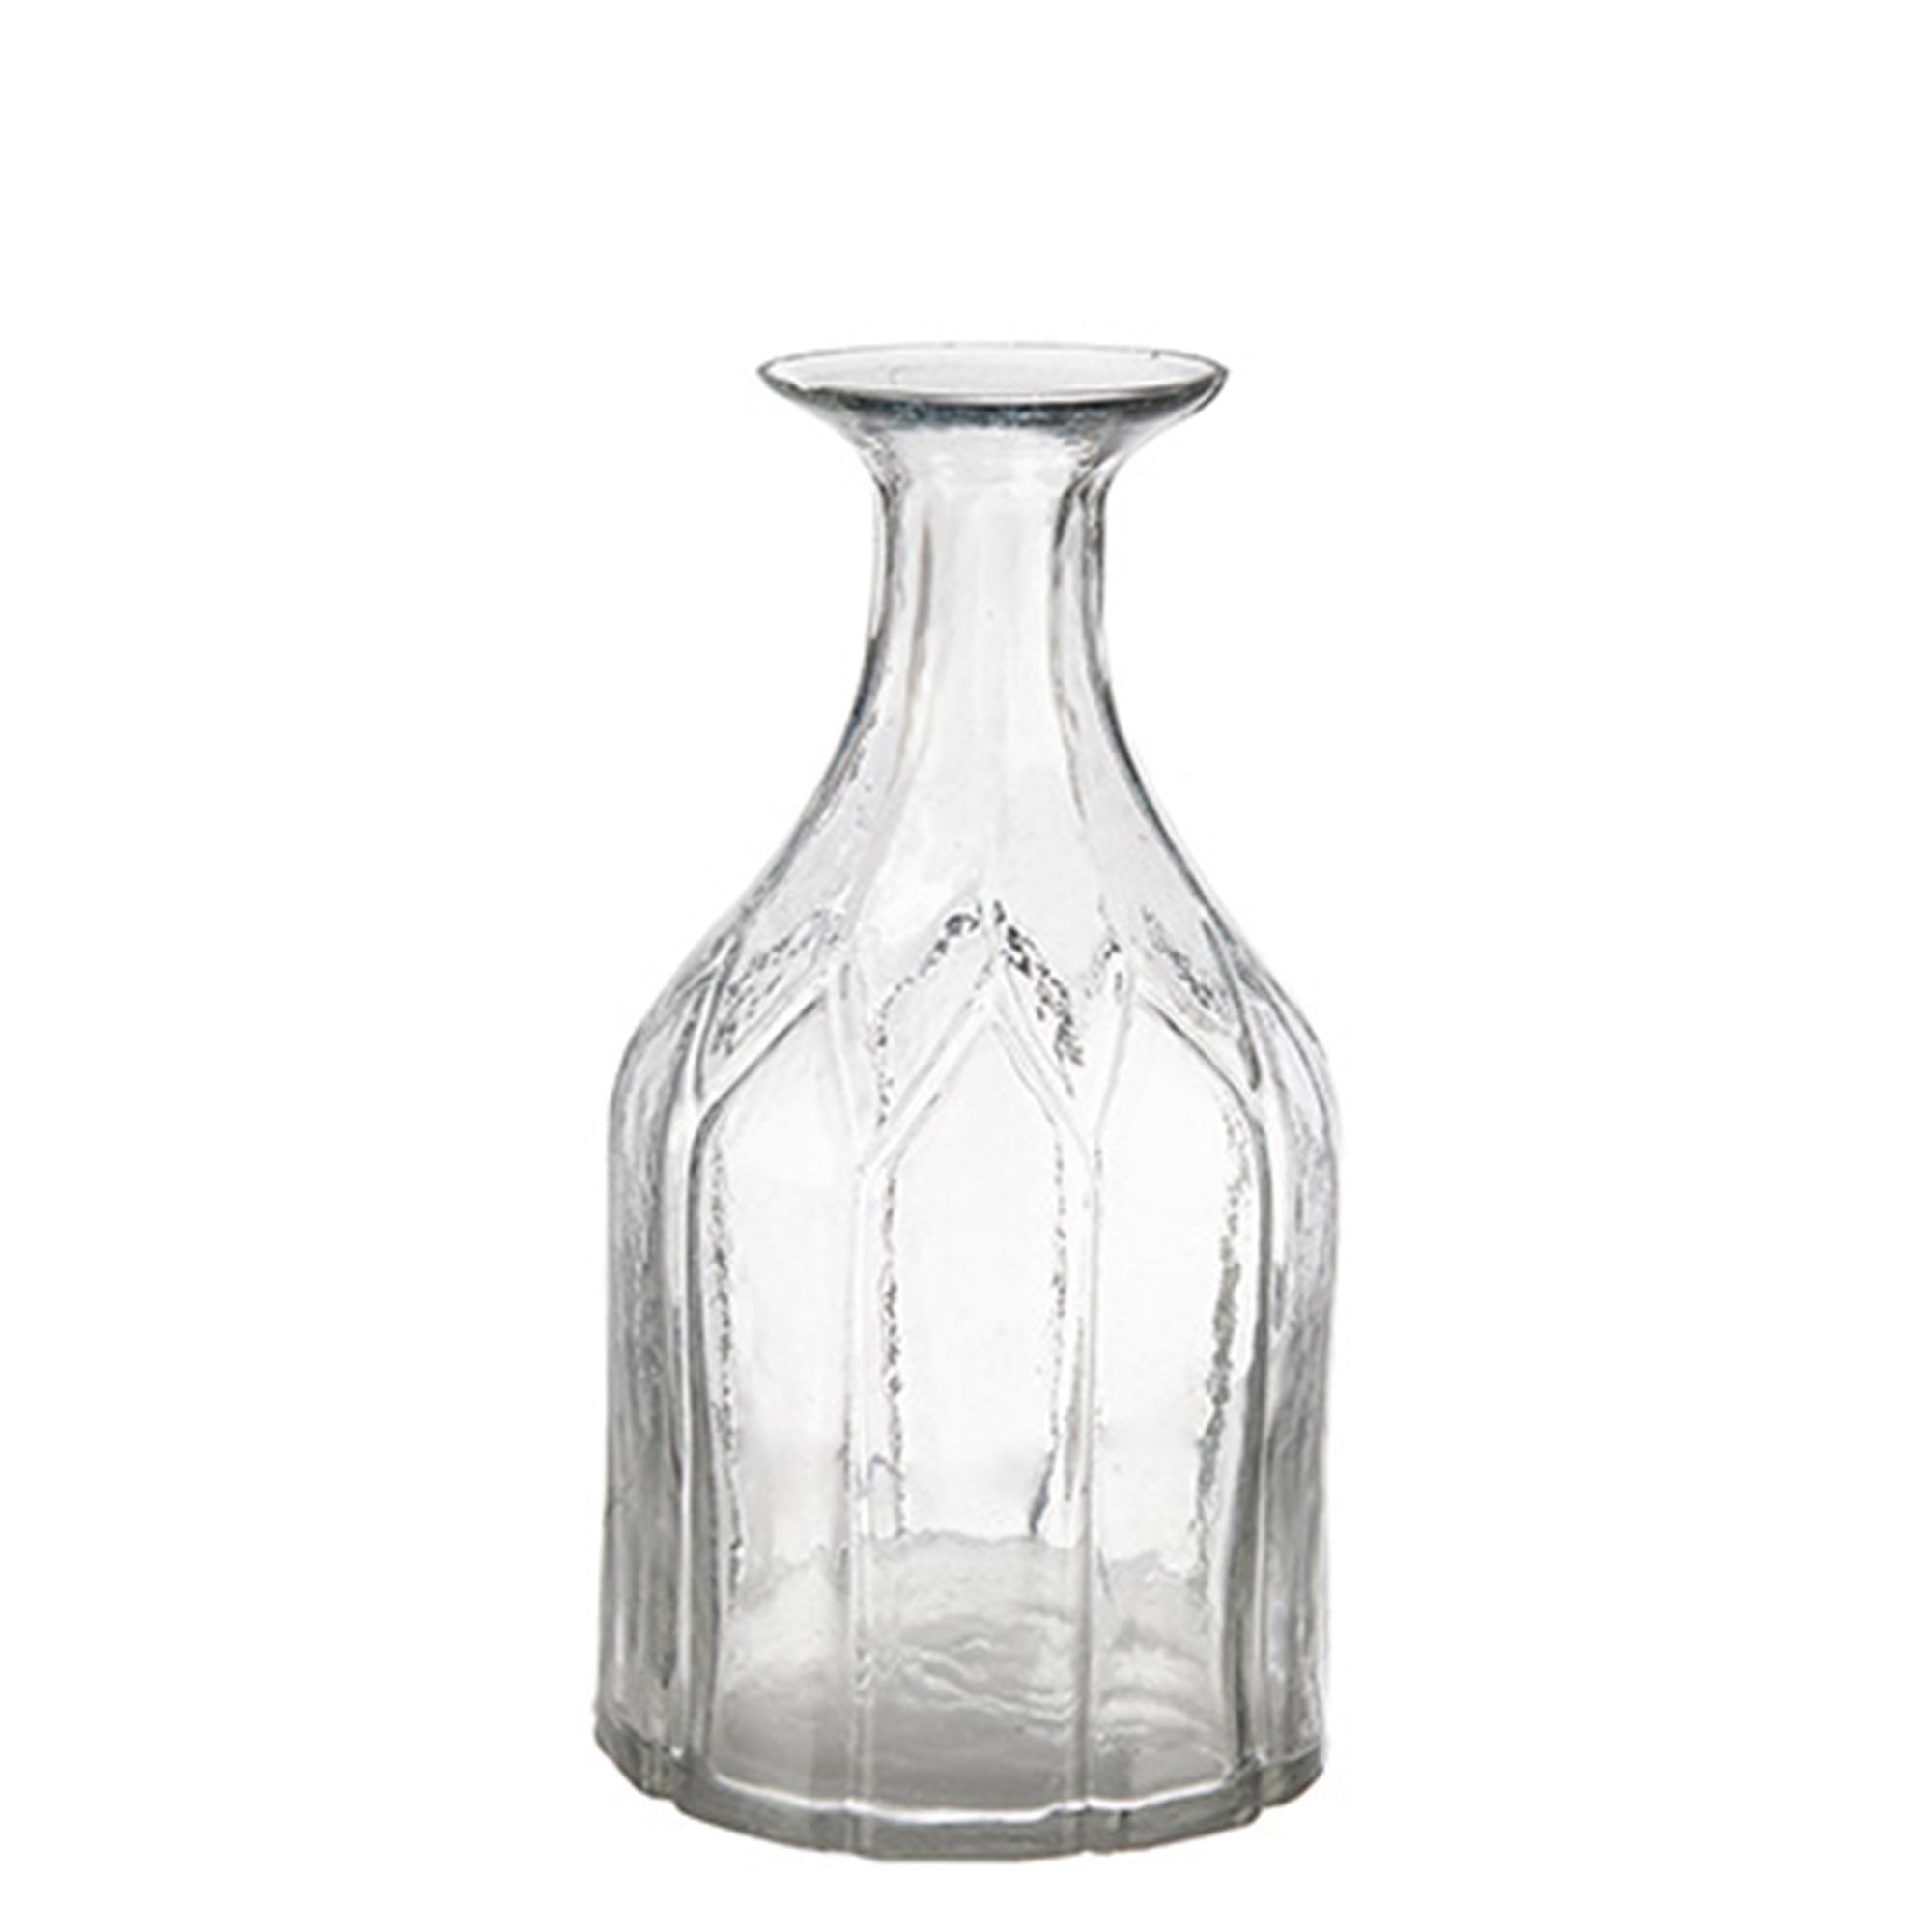 Kleine Vasen aus Glas um den Tisch mit frischen Blumen zu dekorieren | So schön! ♥ Entdecke die kleinen skandinavischen Vasen in unserem Onlineshop